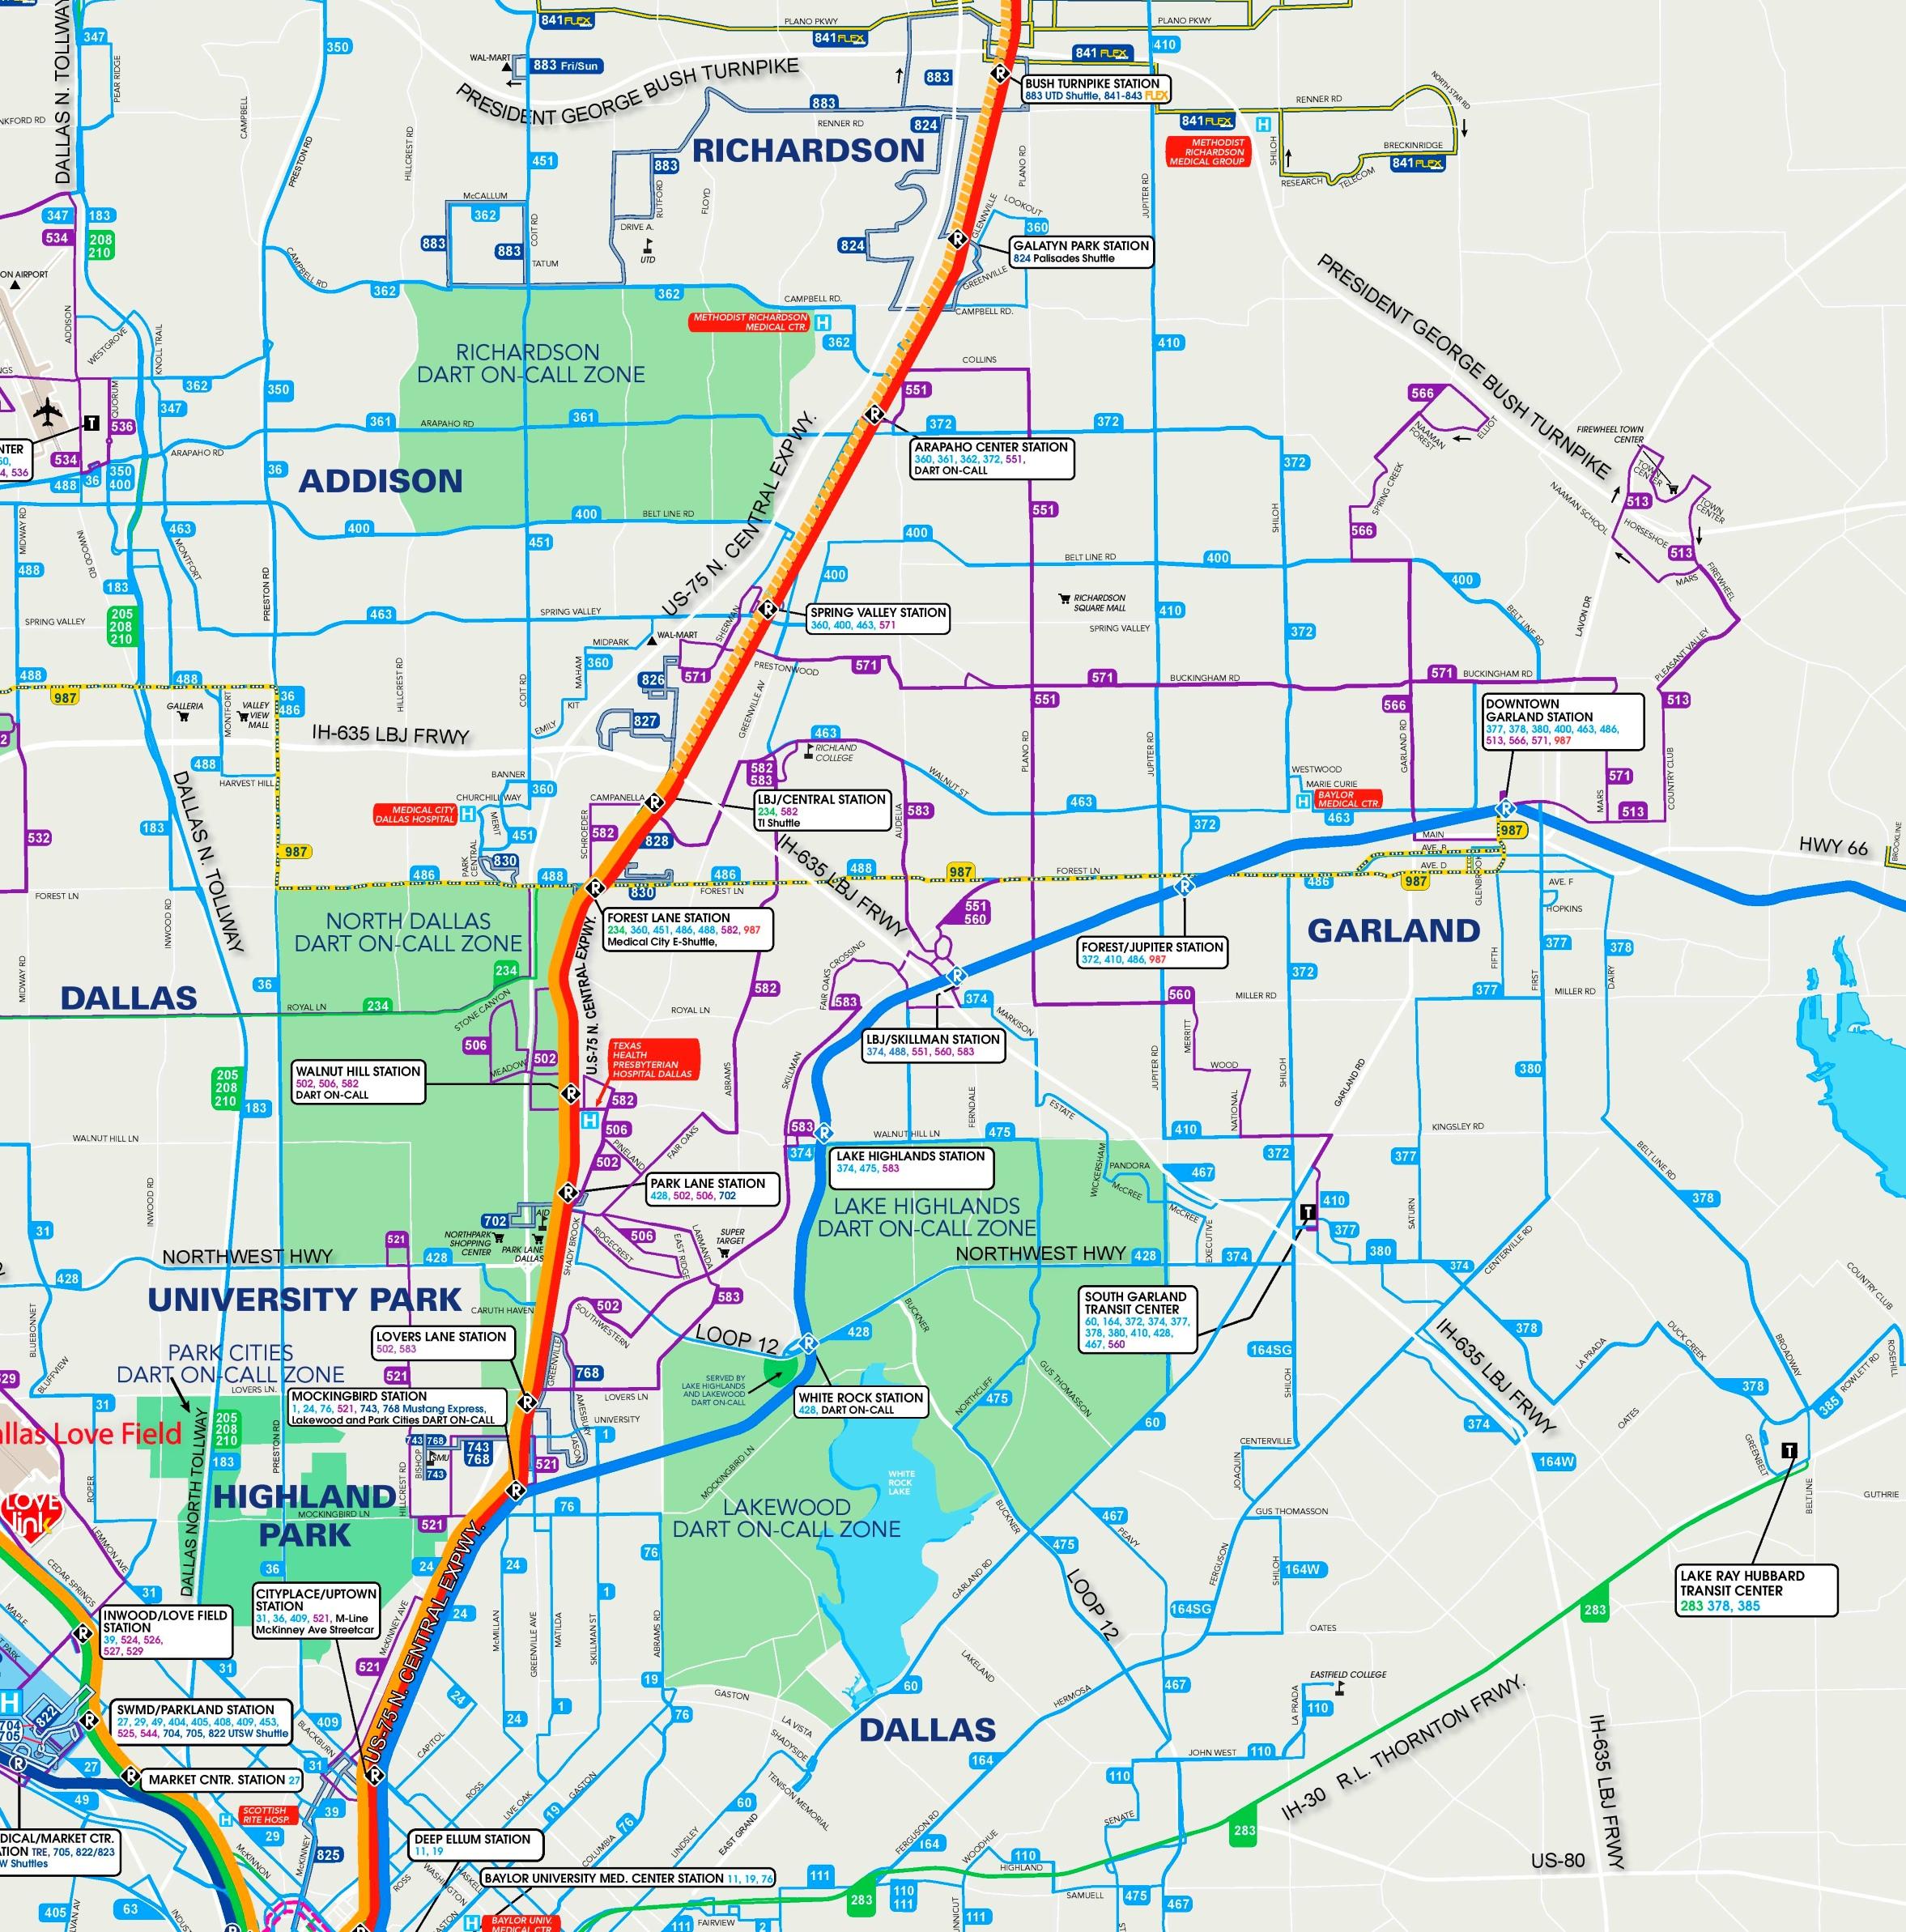 Garland bus map